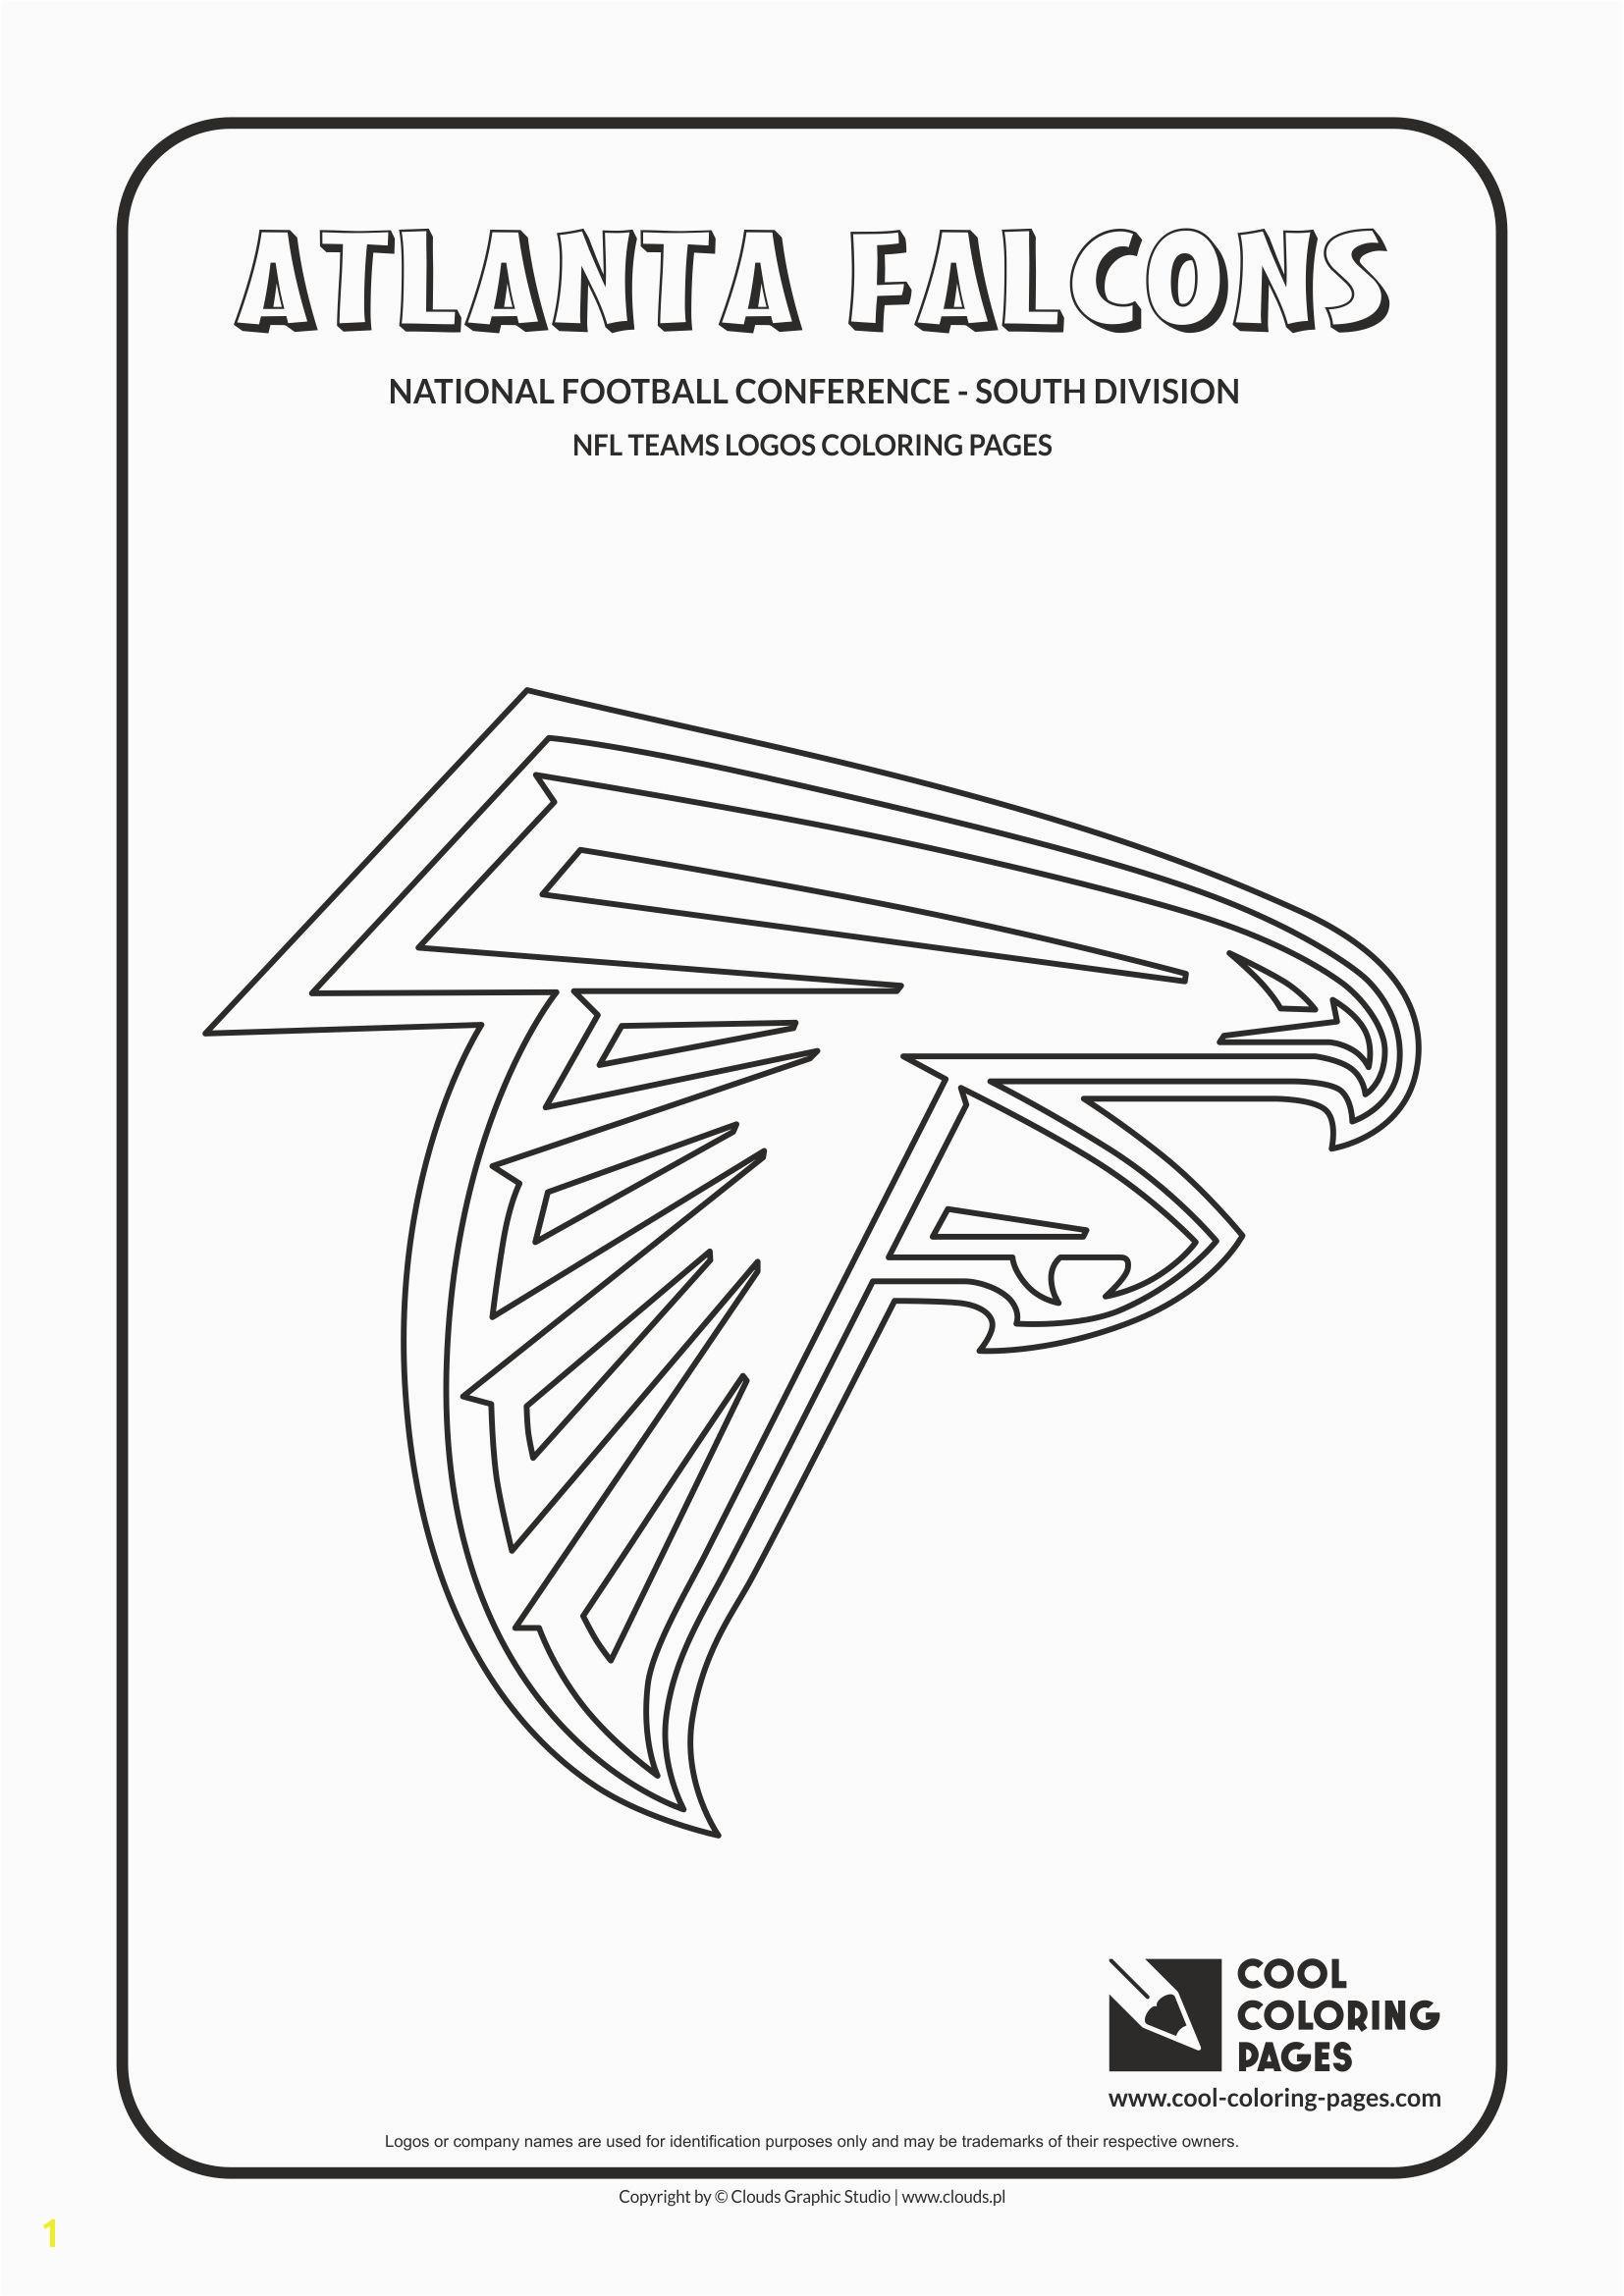 Atlanta Falcons Coloring Pages atlanta Falcons Coloring Pages Cool Coloring Pages